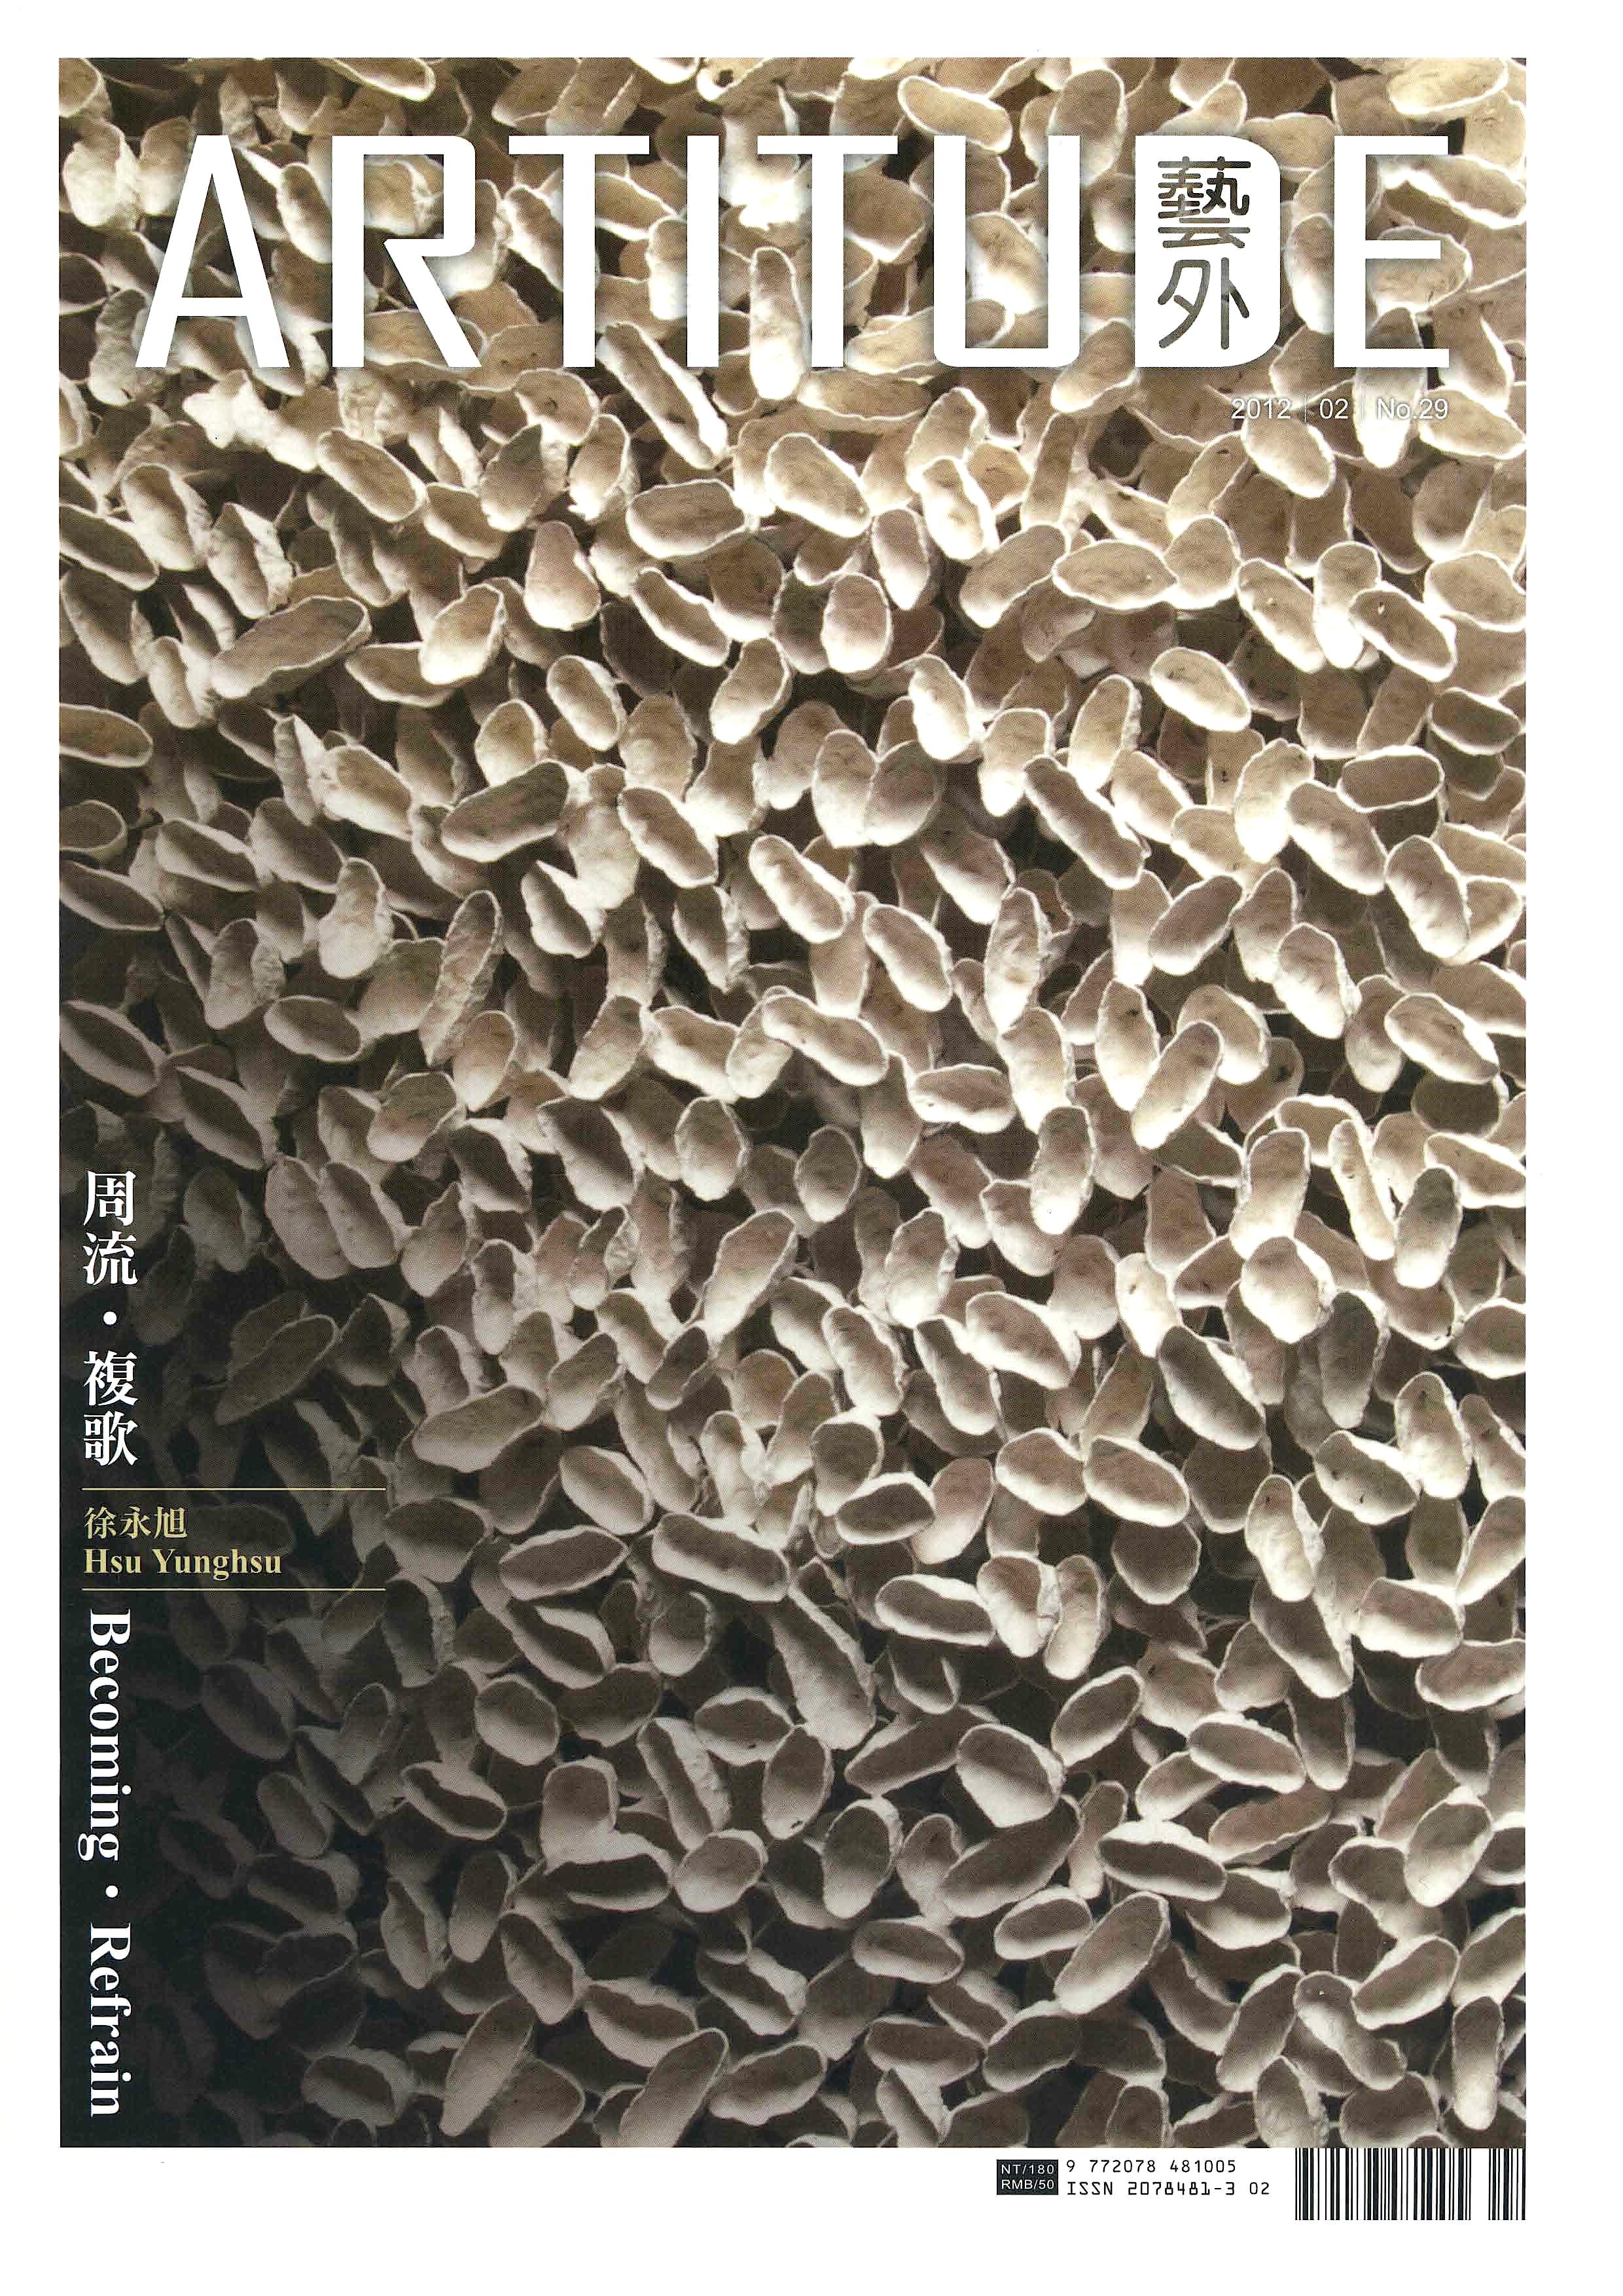 ARTITUDE藝外雜誌_許芳禎報導_Page_2.jpg